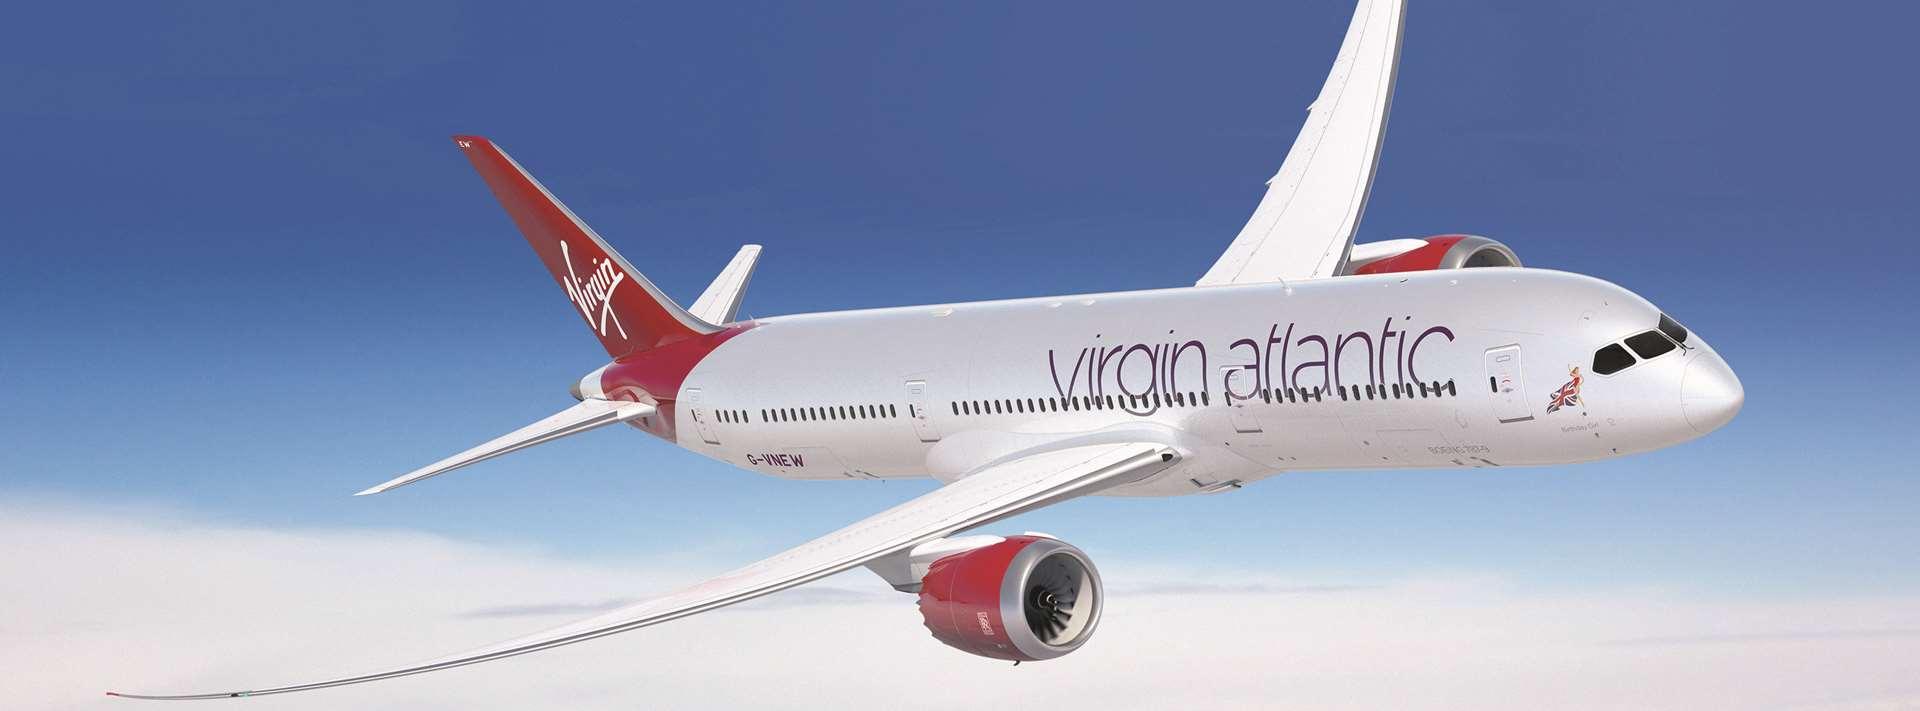 Virgin Atlantic flights | Netflights